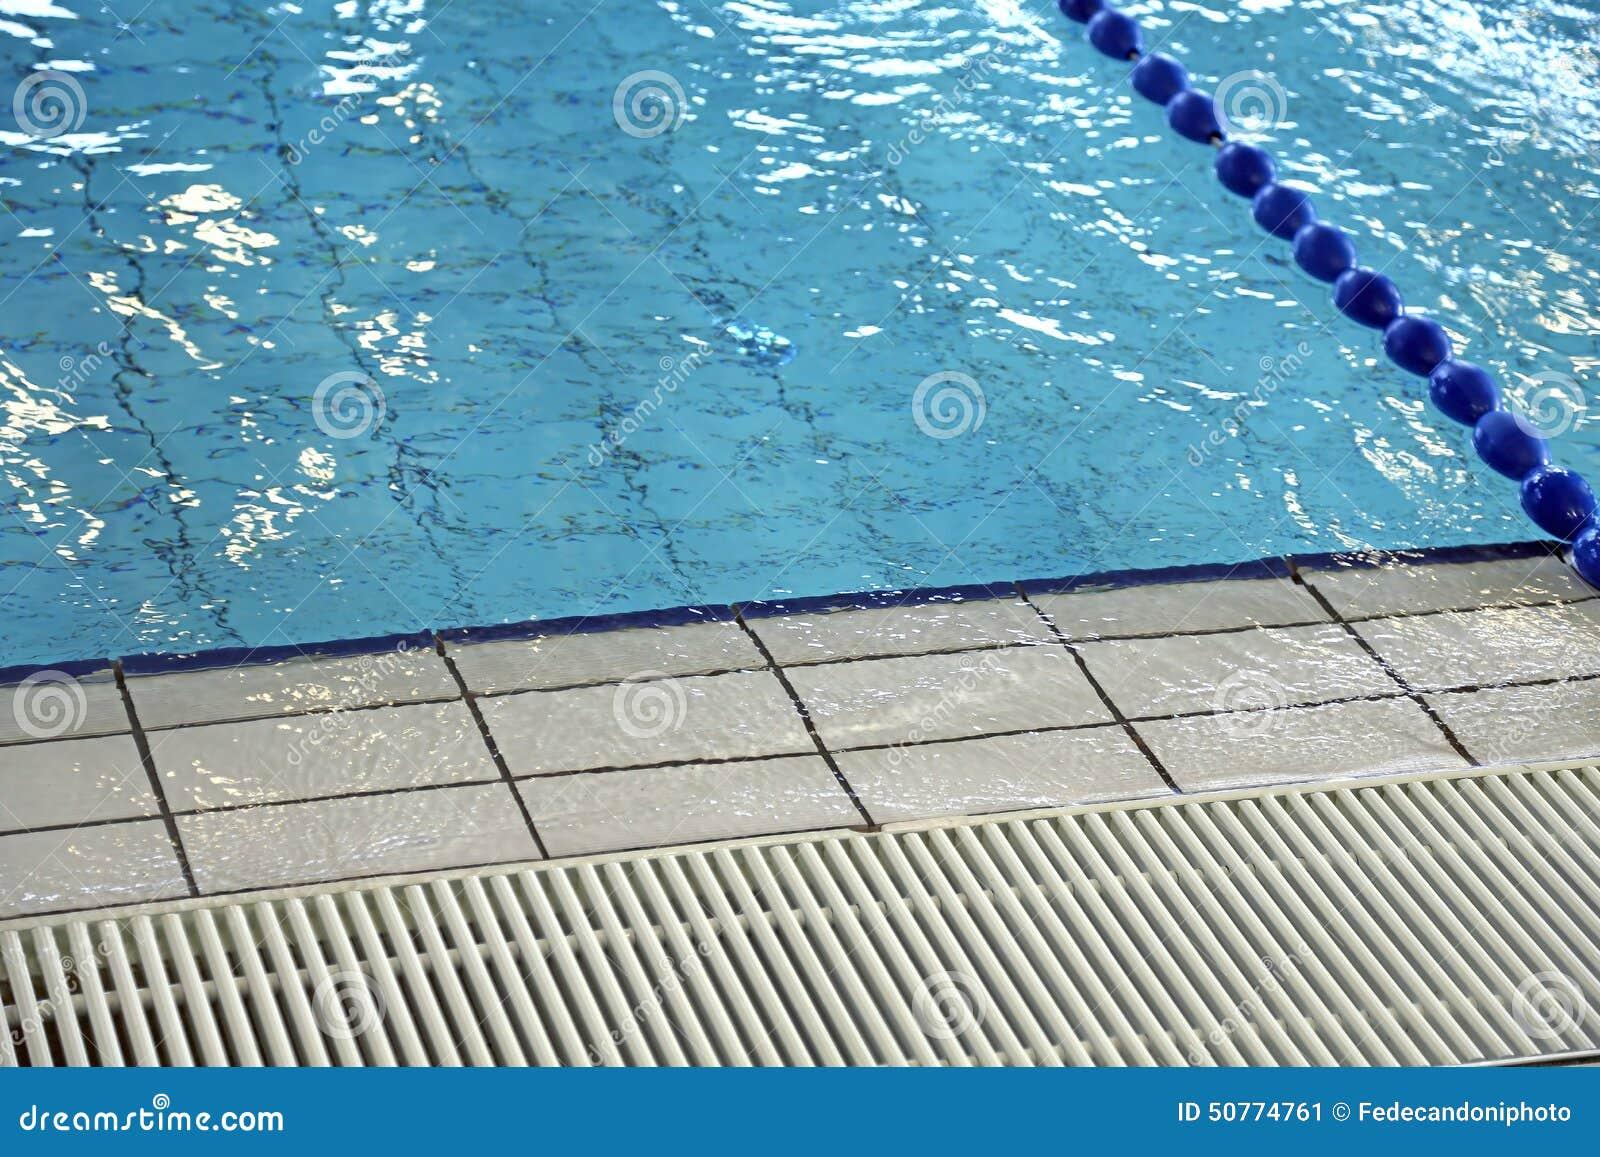 Rejilla para la circulaci n del agua en piscina foto de for Rejillas para piscinas